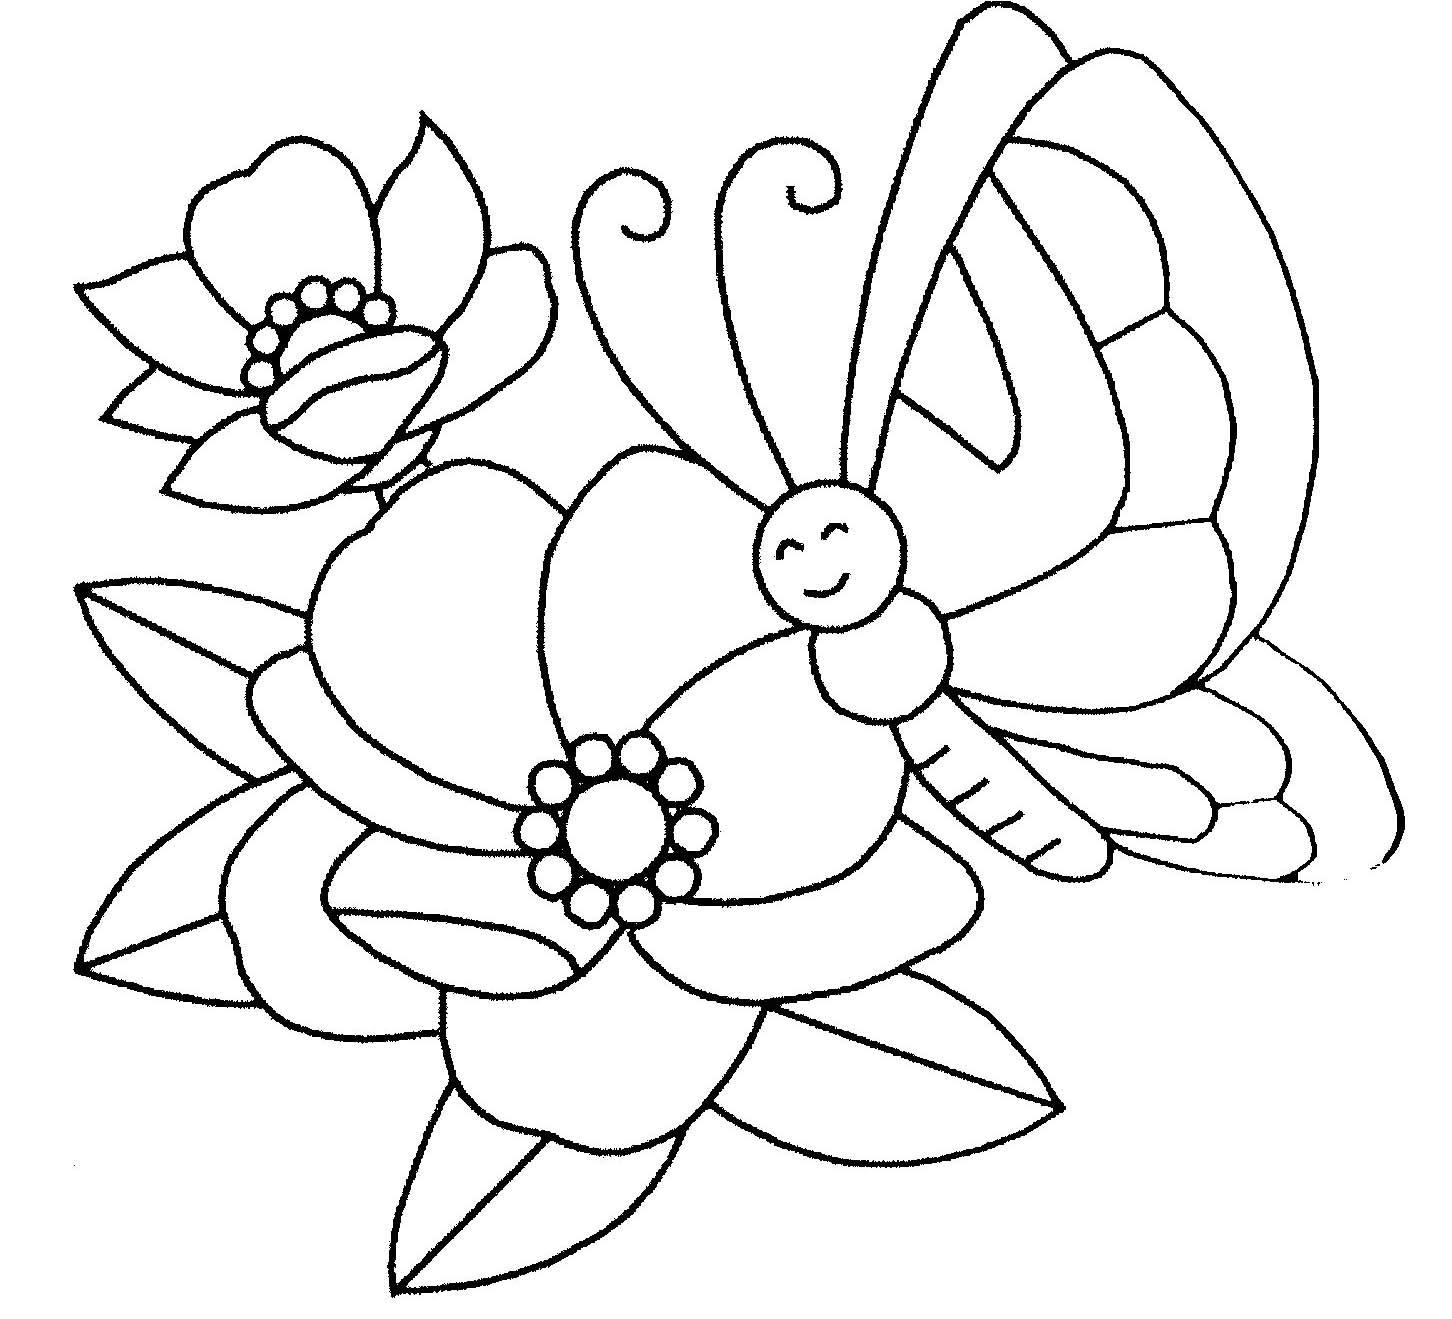 Coloriage Fleur.Coloriage Fleur Et Papillon